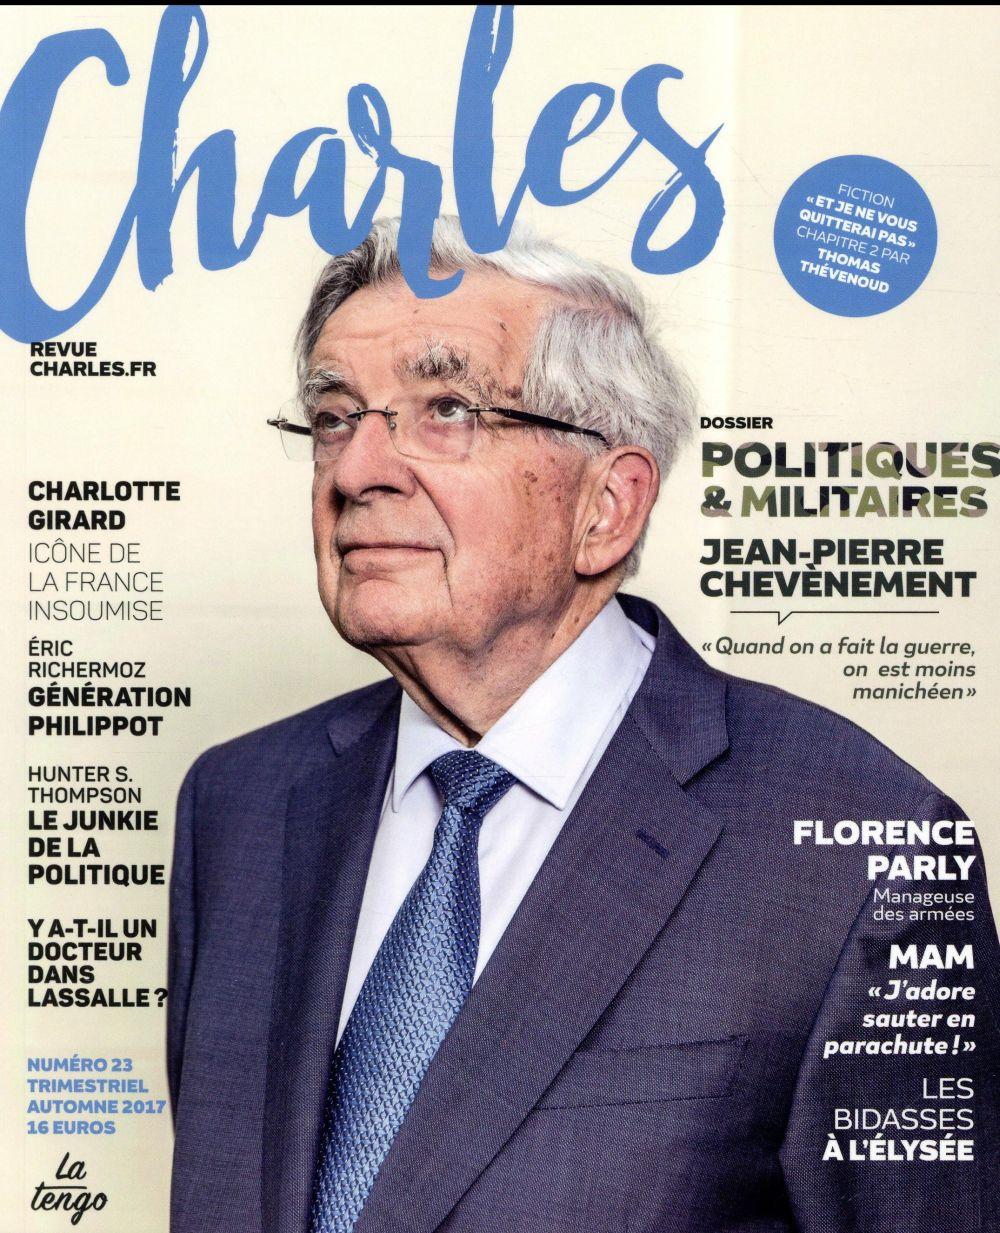 REVUE CHARLES n.23 ; politiques & militaires